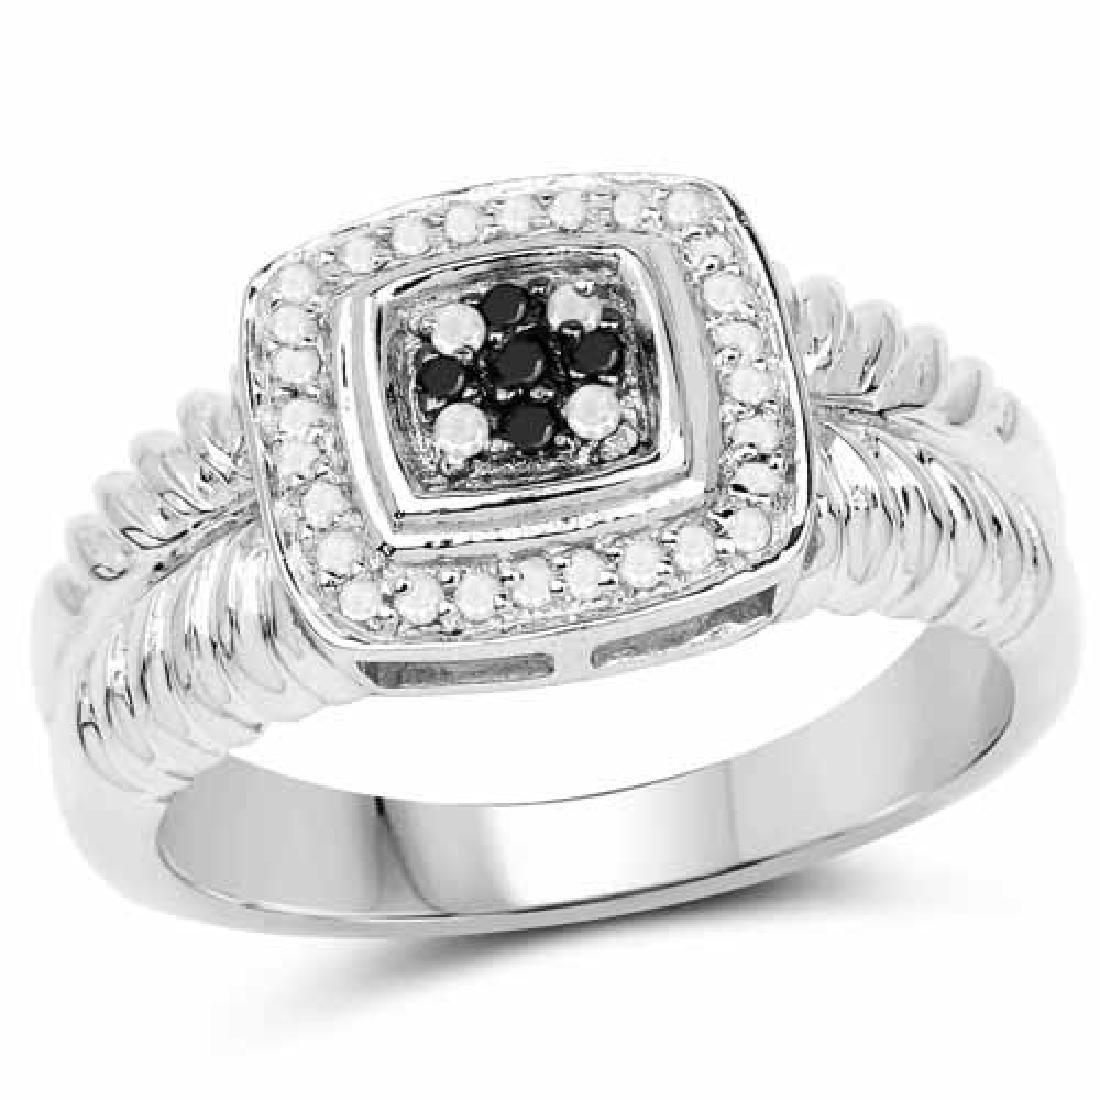 0.19 Carat Genuine Black Diamond and White Diamond .925